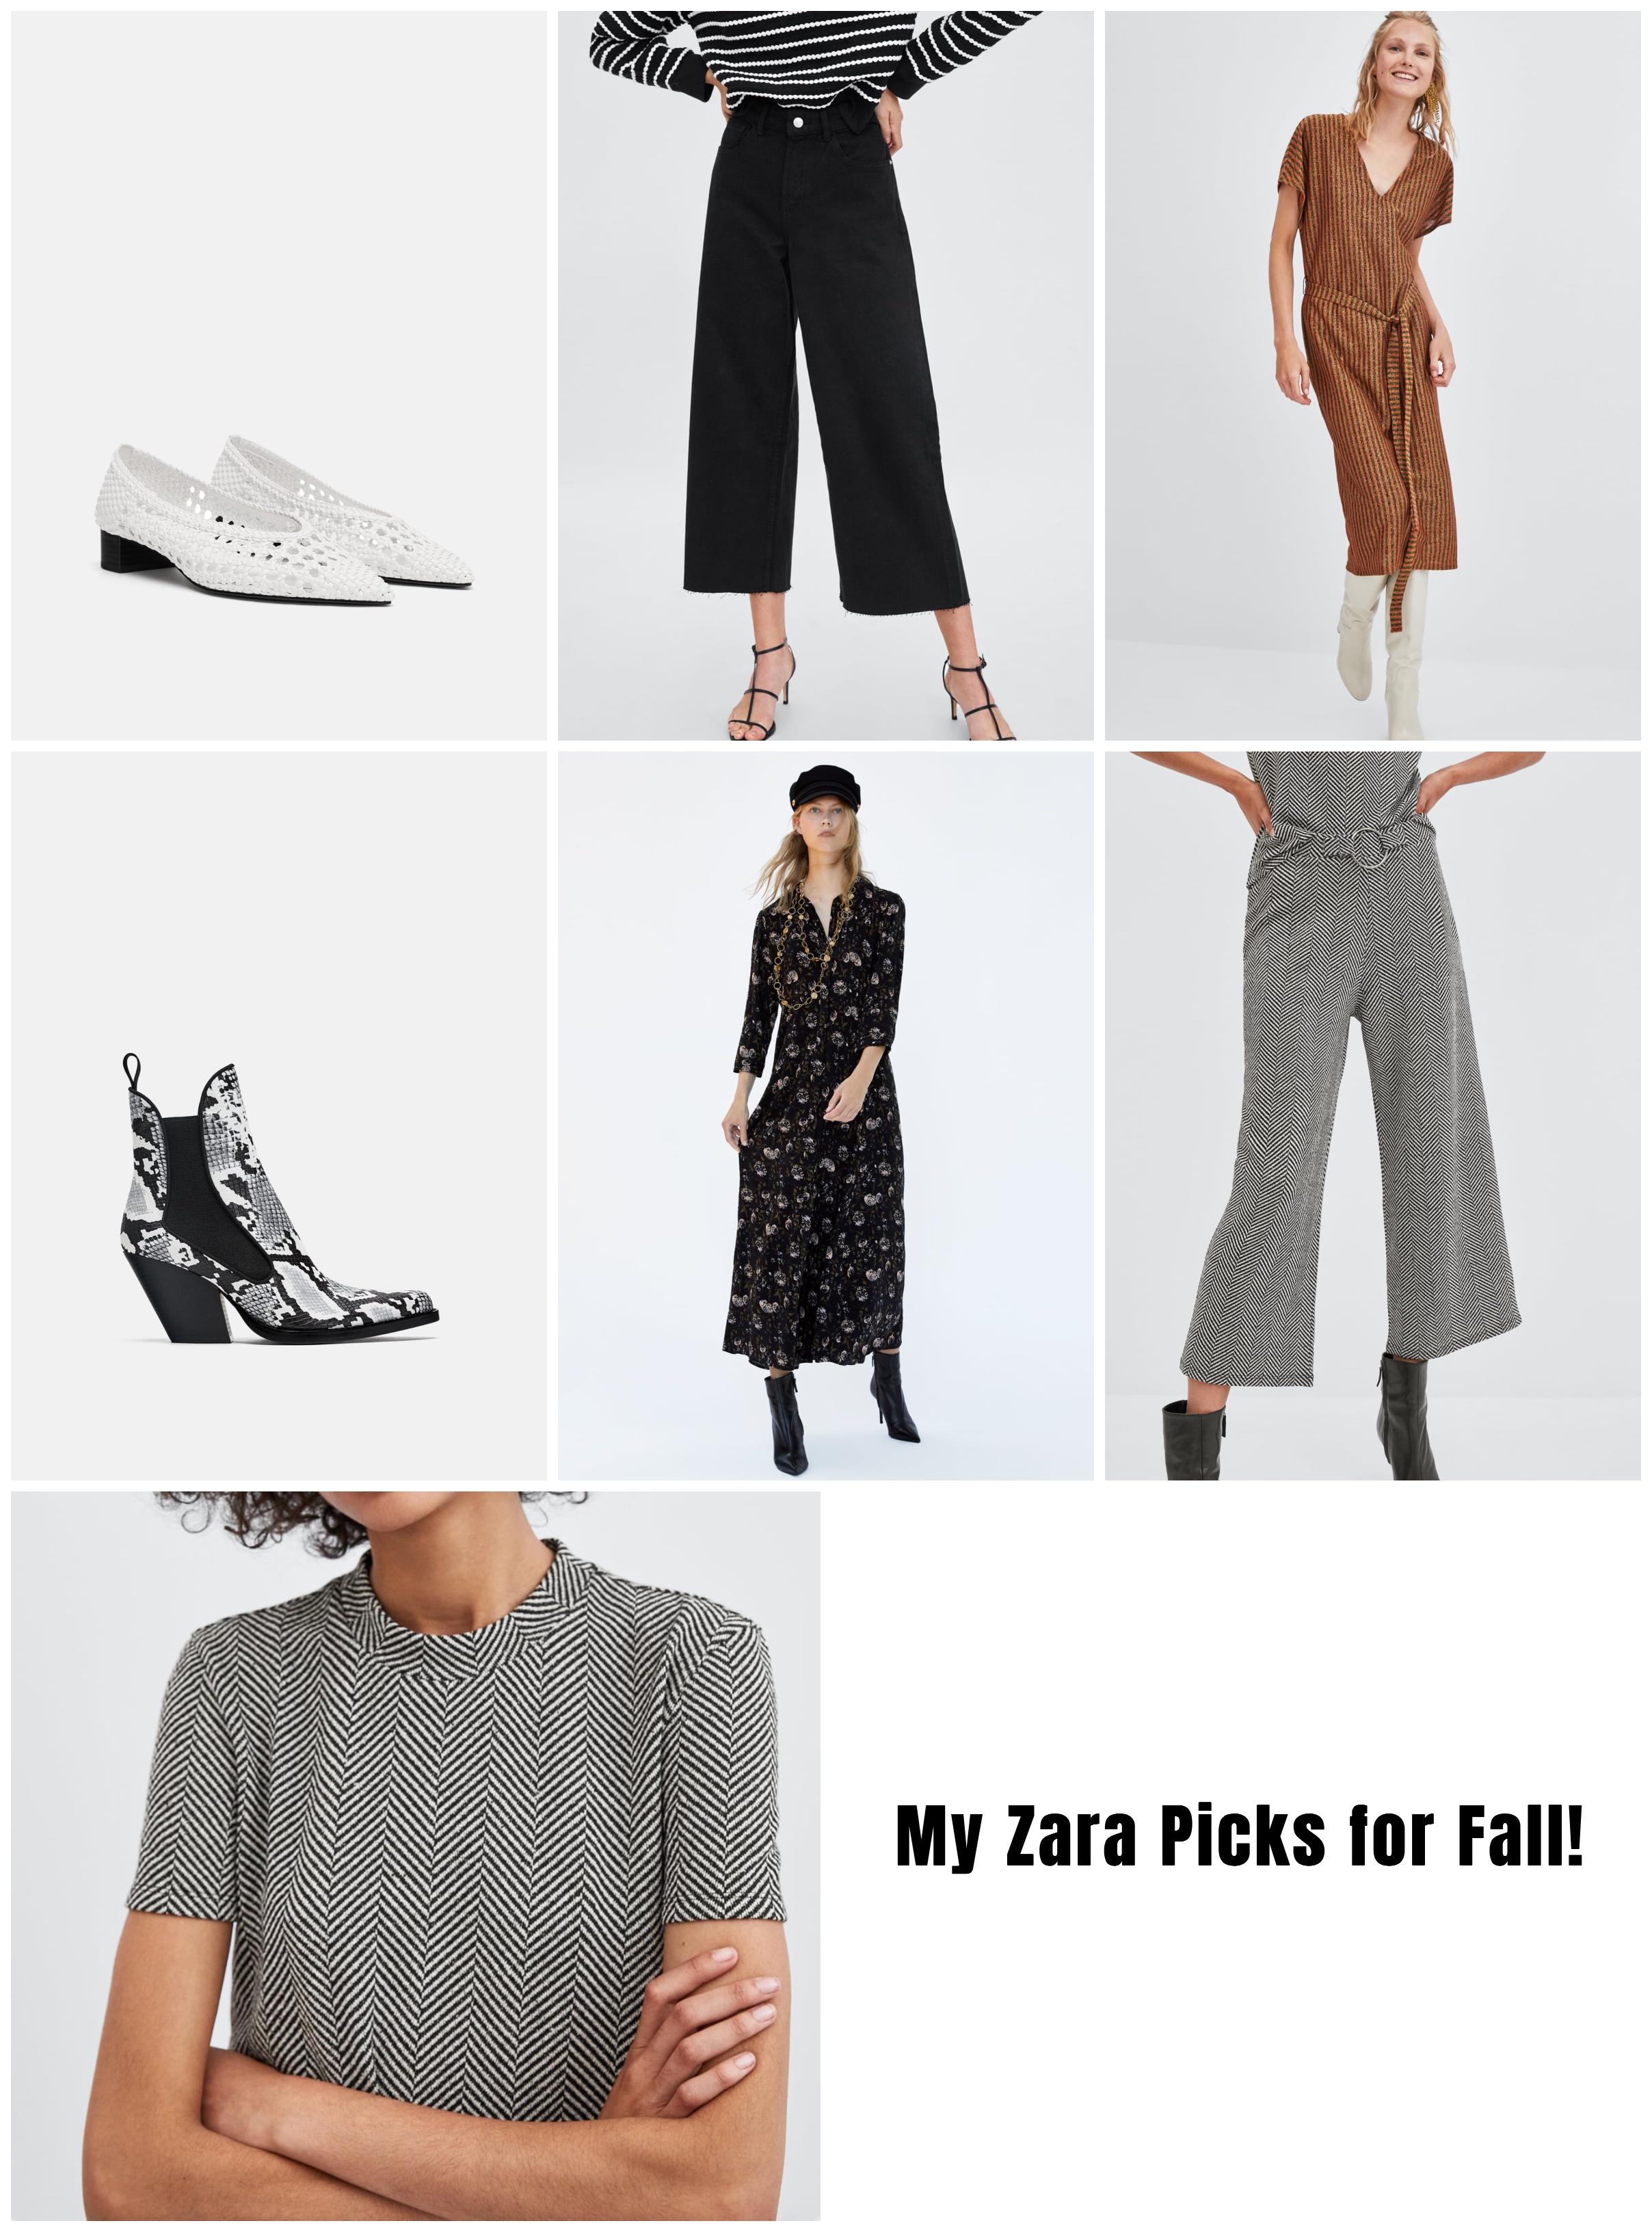 Zara Fall picks.jpg